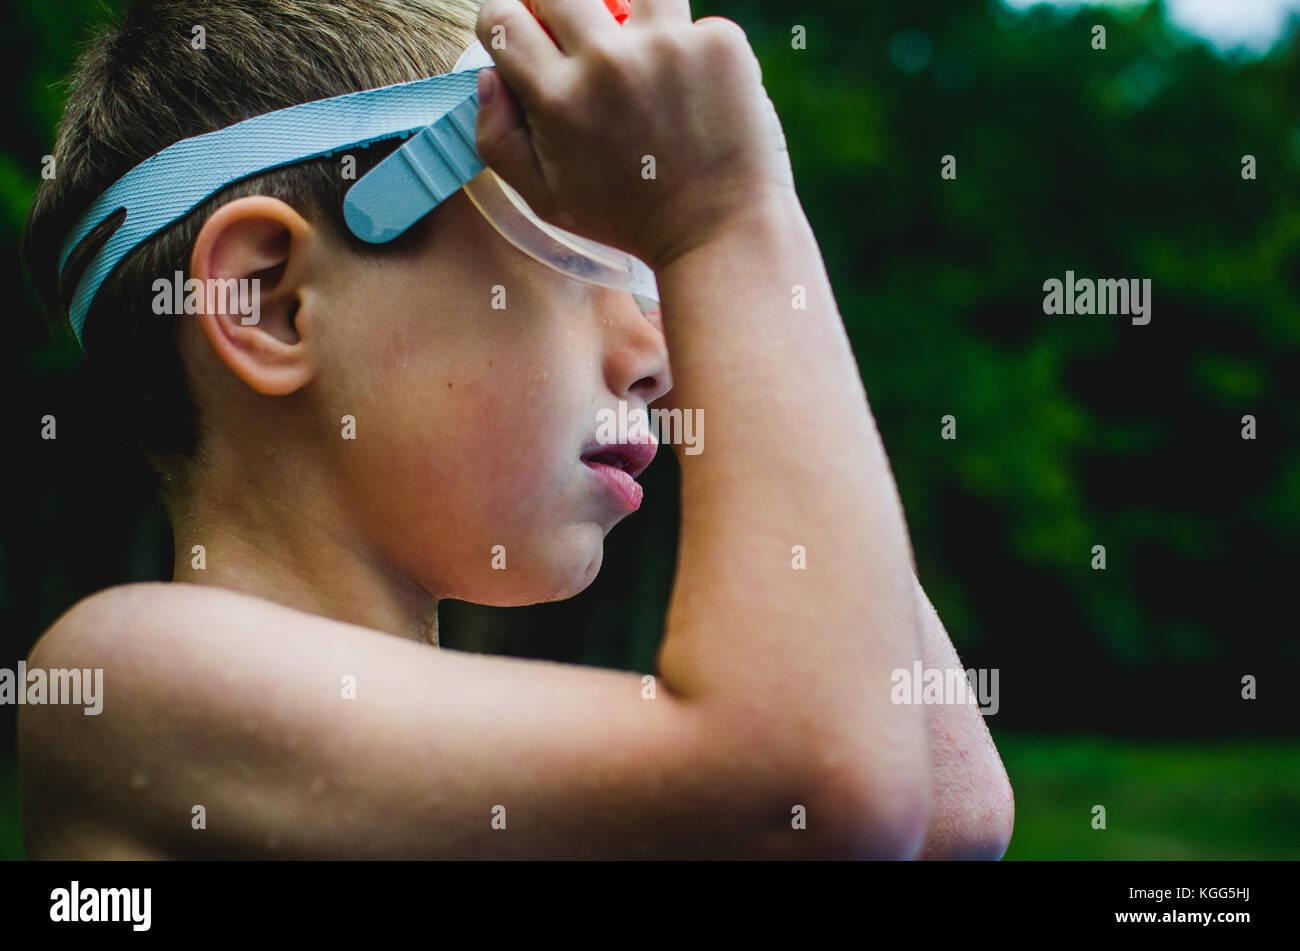 Un jeune garçon ajuste ses lunettes de natation Photo Stock